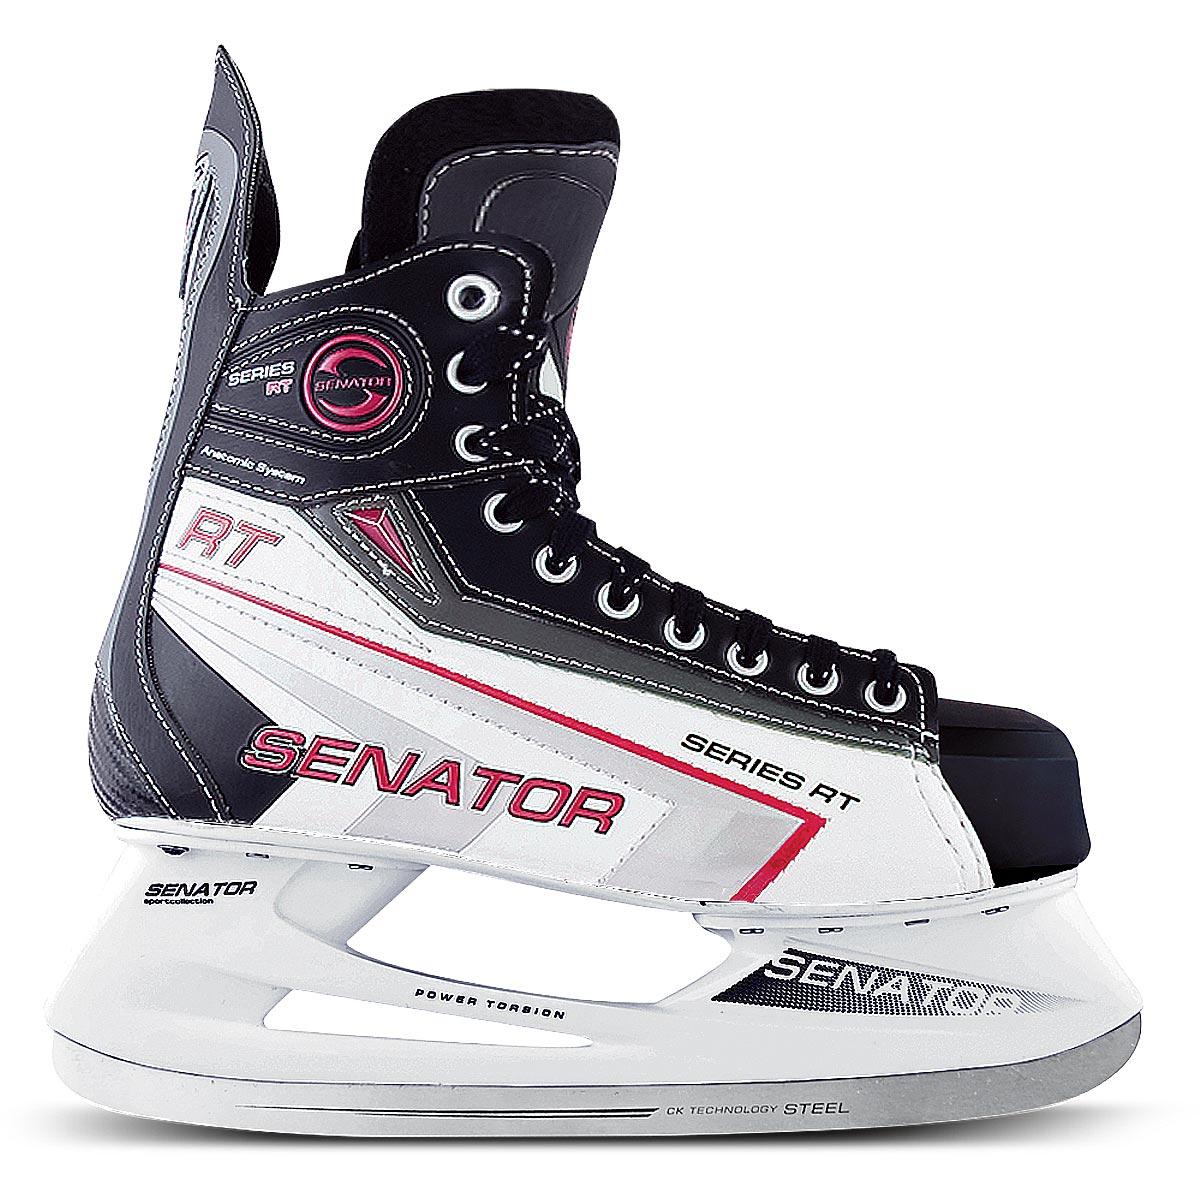 Коньки хоккейные для мальчика СК Senator RT, цвет: черный, белый. Размер 35 SENATOR RT_черный, белый_35